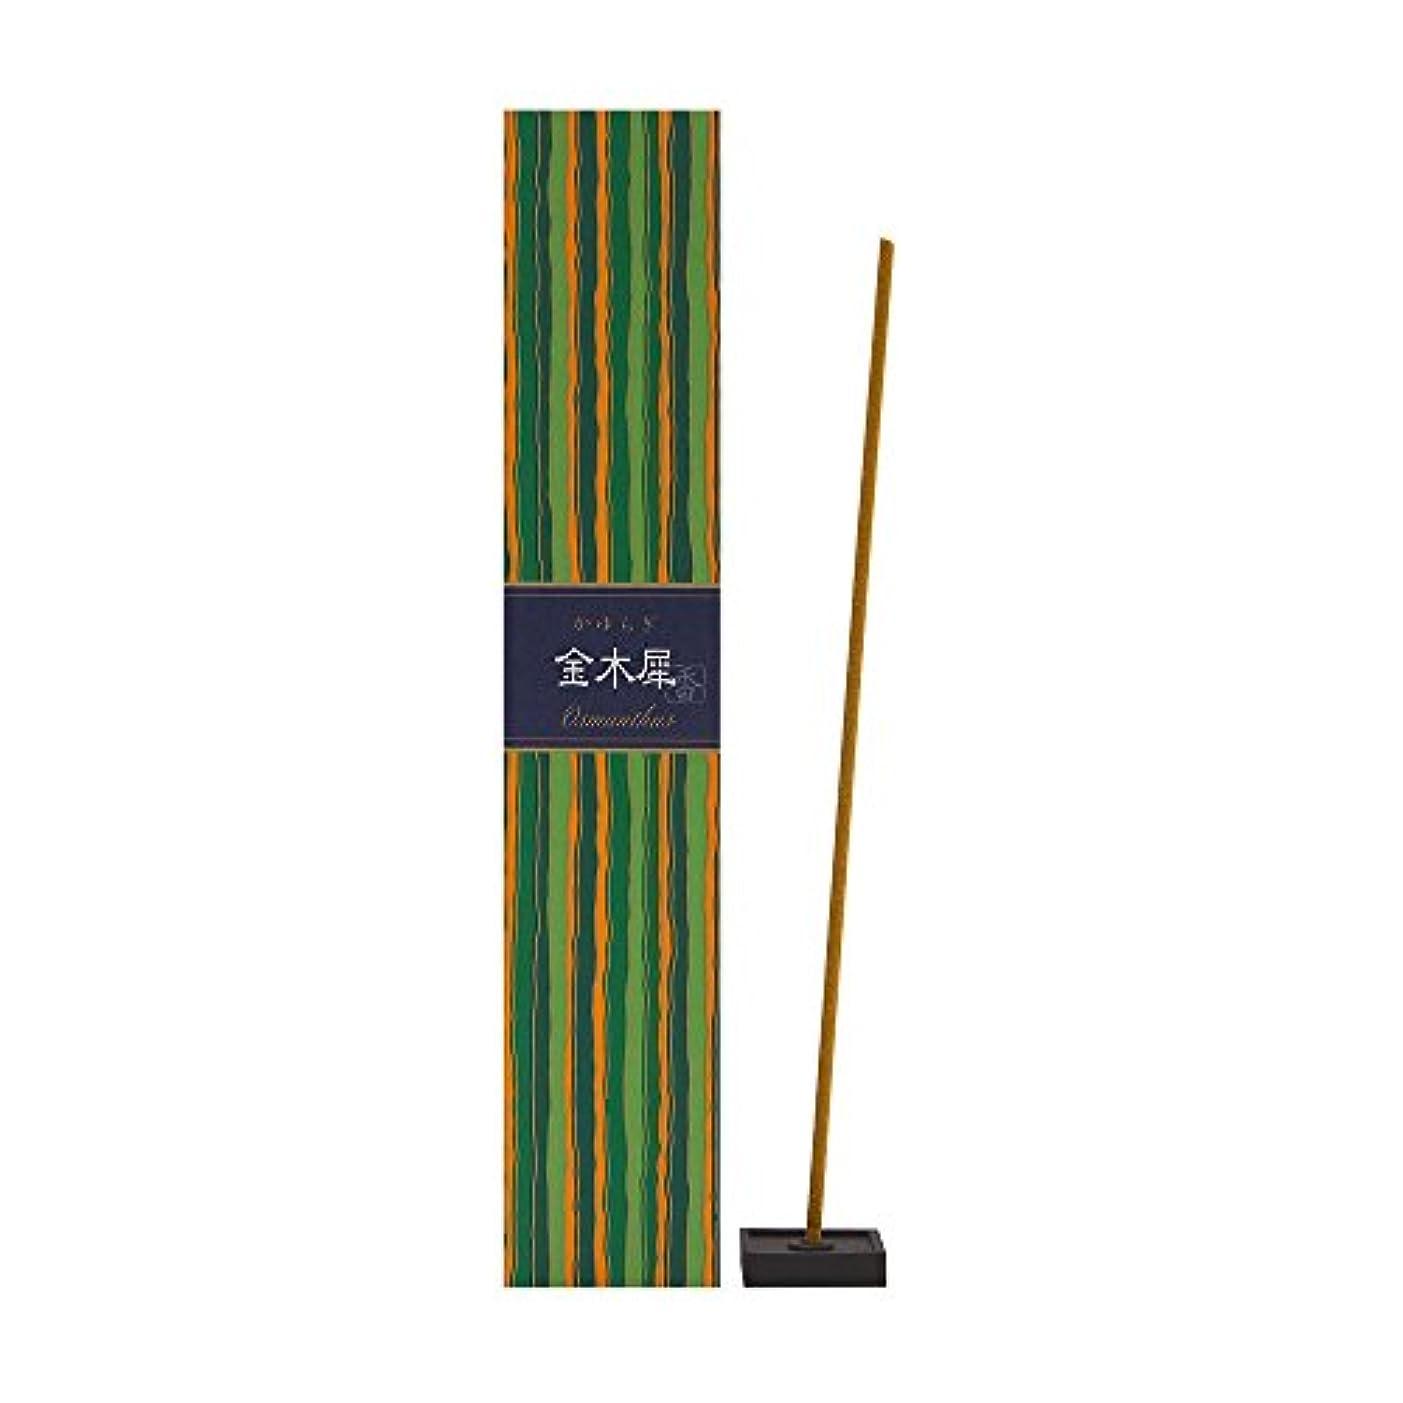 一生フェッチ別れるNippon Kodo – Kayuragi – Osmanthus 40 Sticks 1 38404